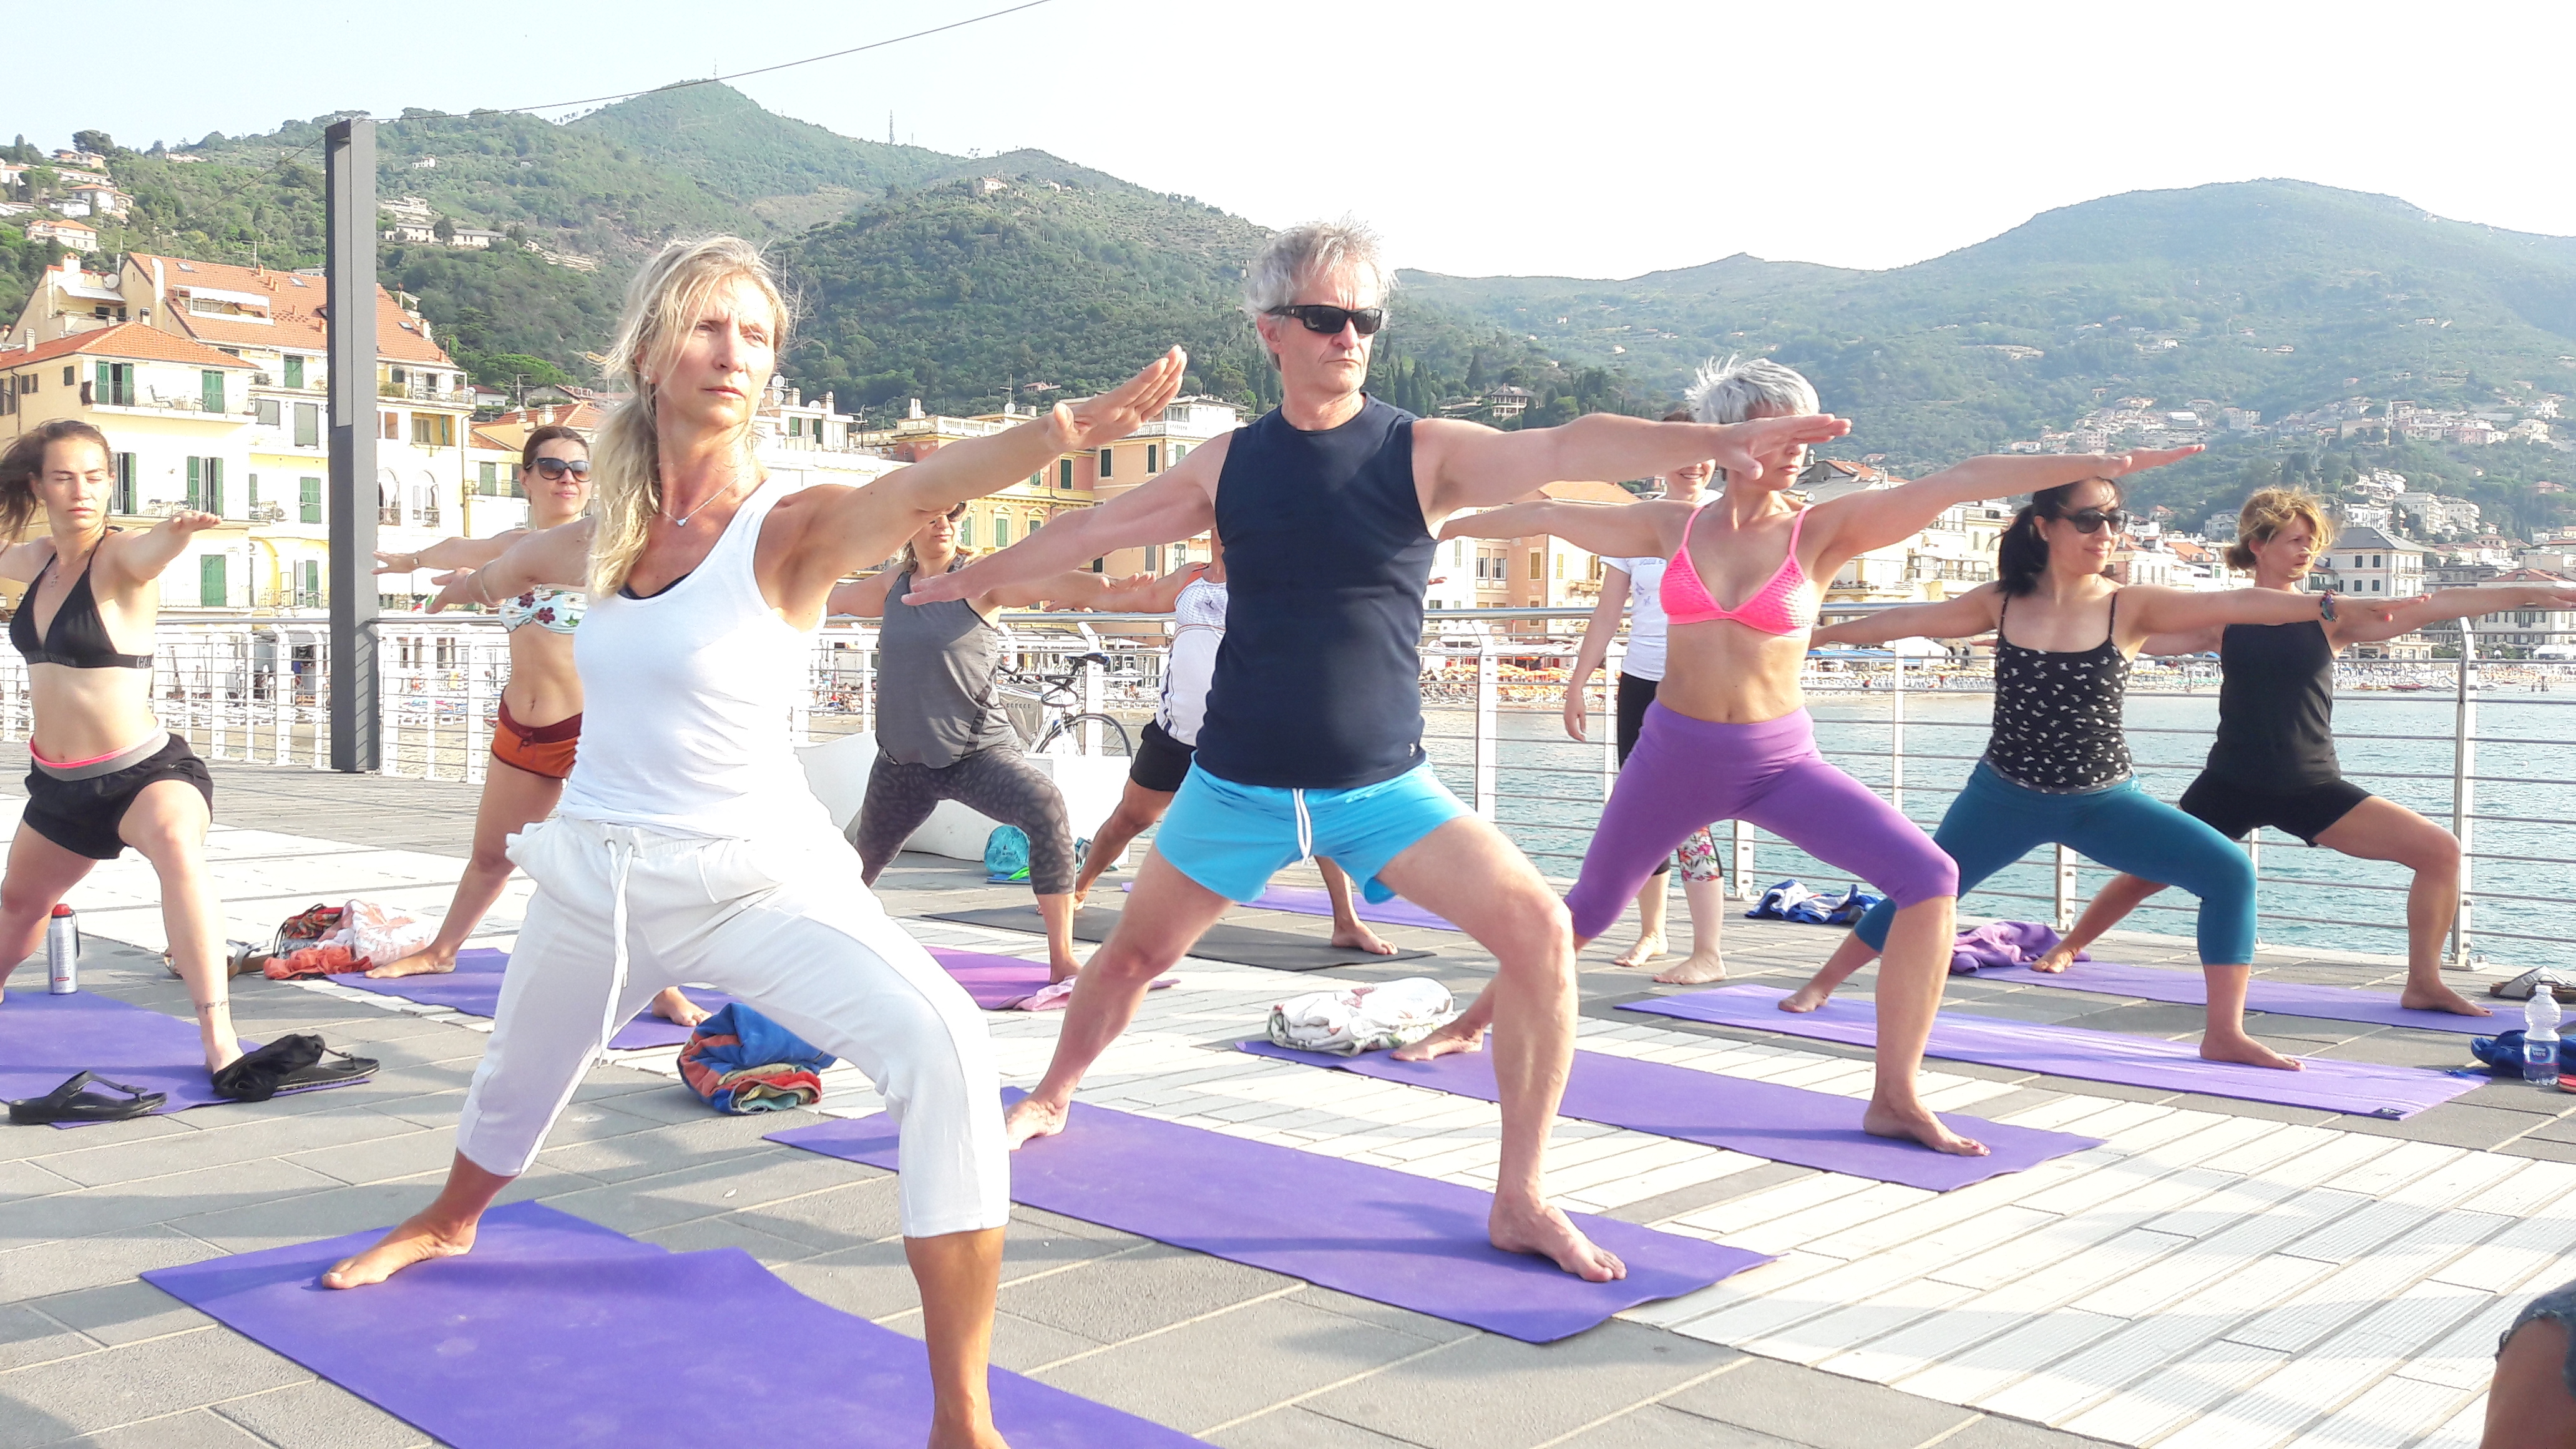 1_essere-free-yoga-gratuito-benessere-per-tutti-village-citta-alassio-estate-lucia-ragazzi-summer-town-wellness-028